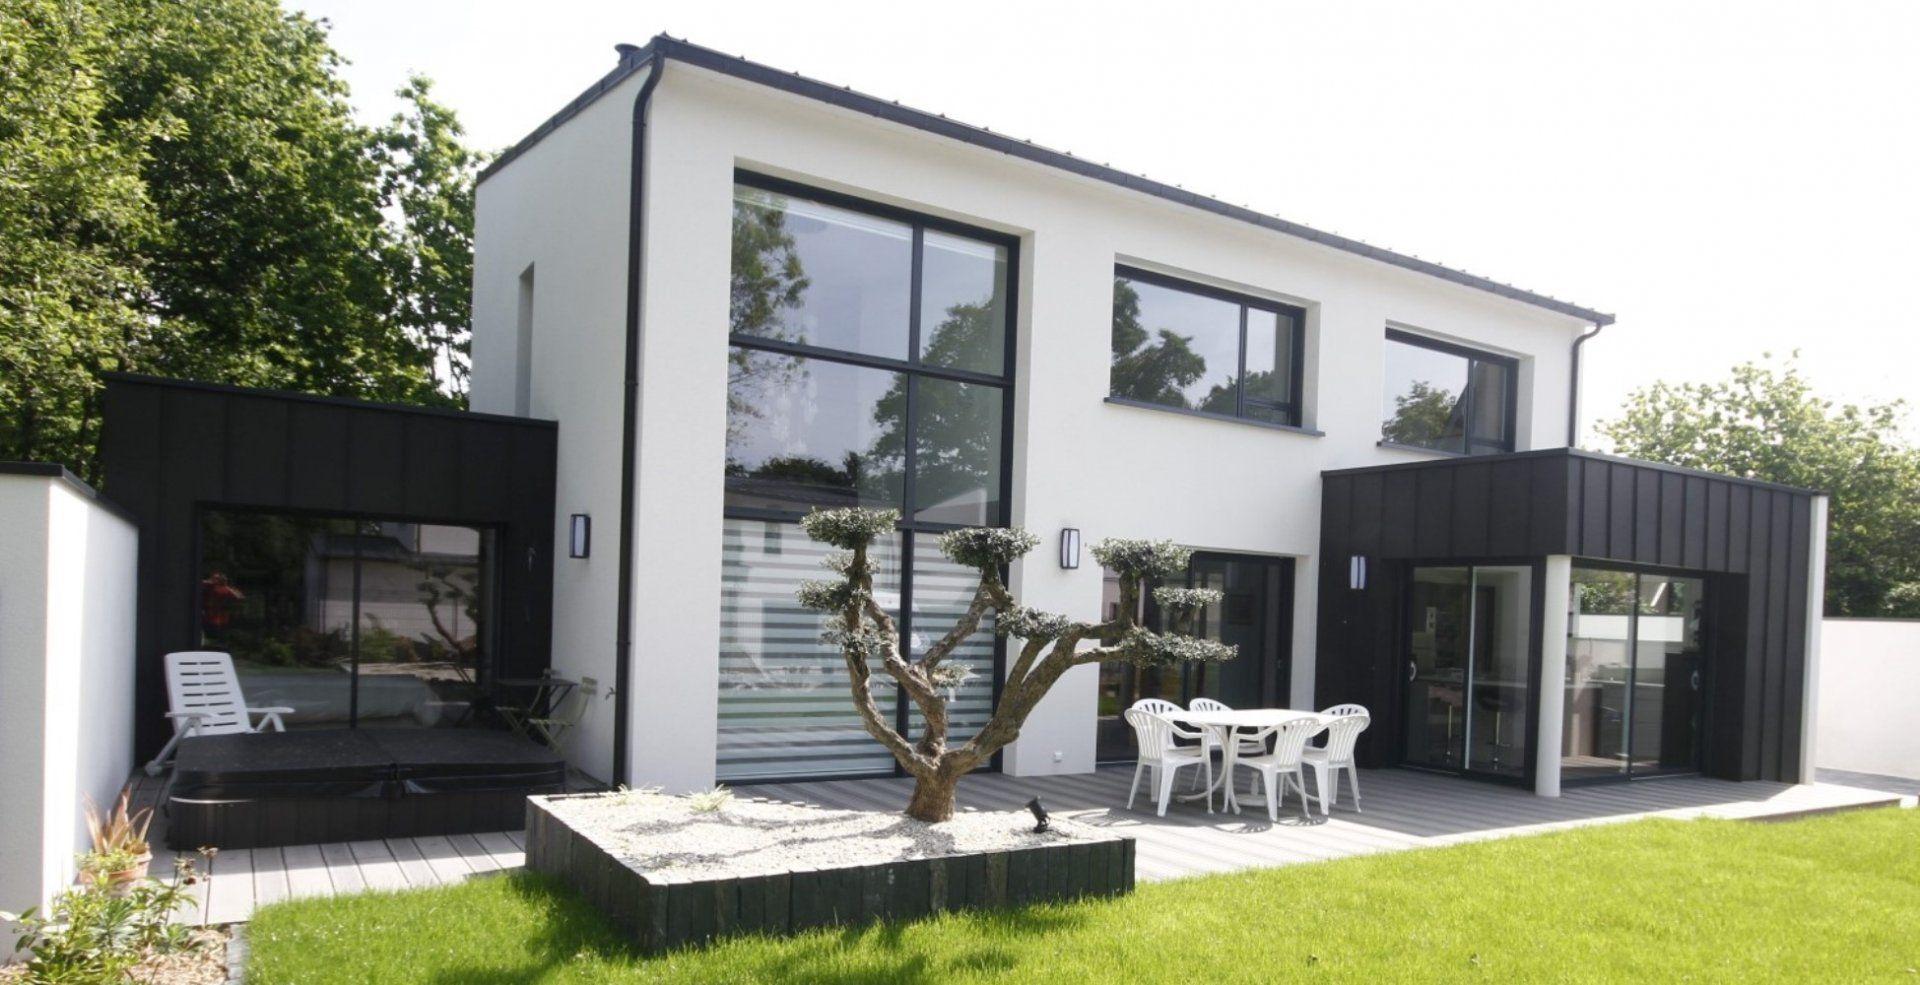 Cool constructeur maison tarifs et prix construction maison plan maison contemporaine constructeur maison toulouse constructeur